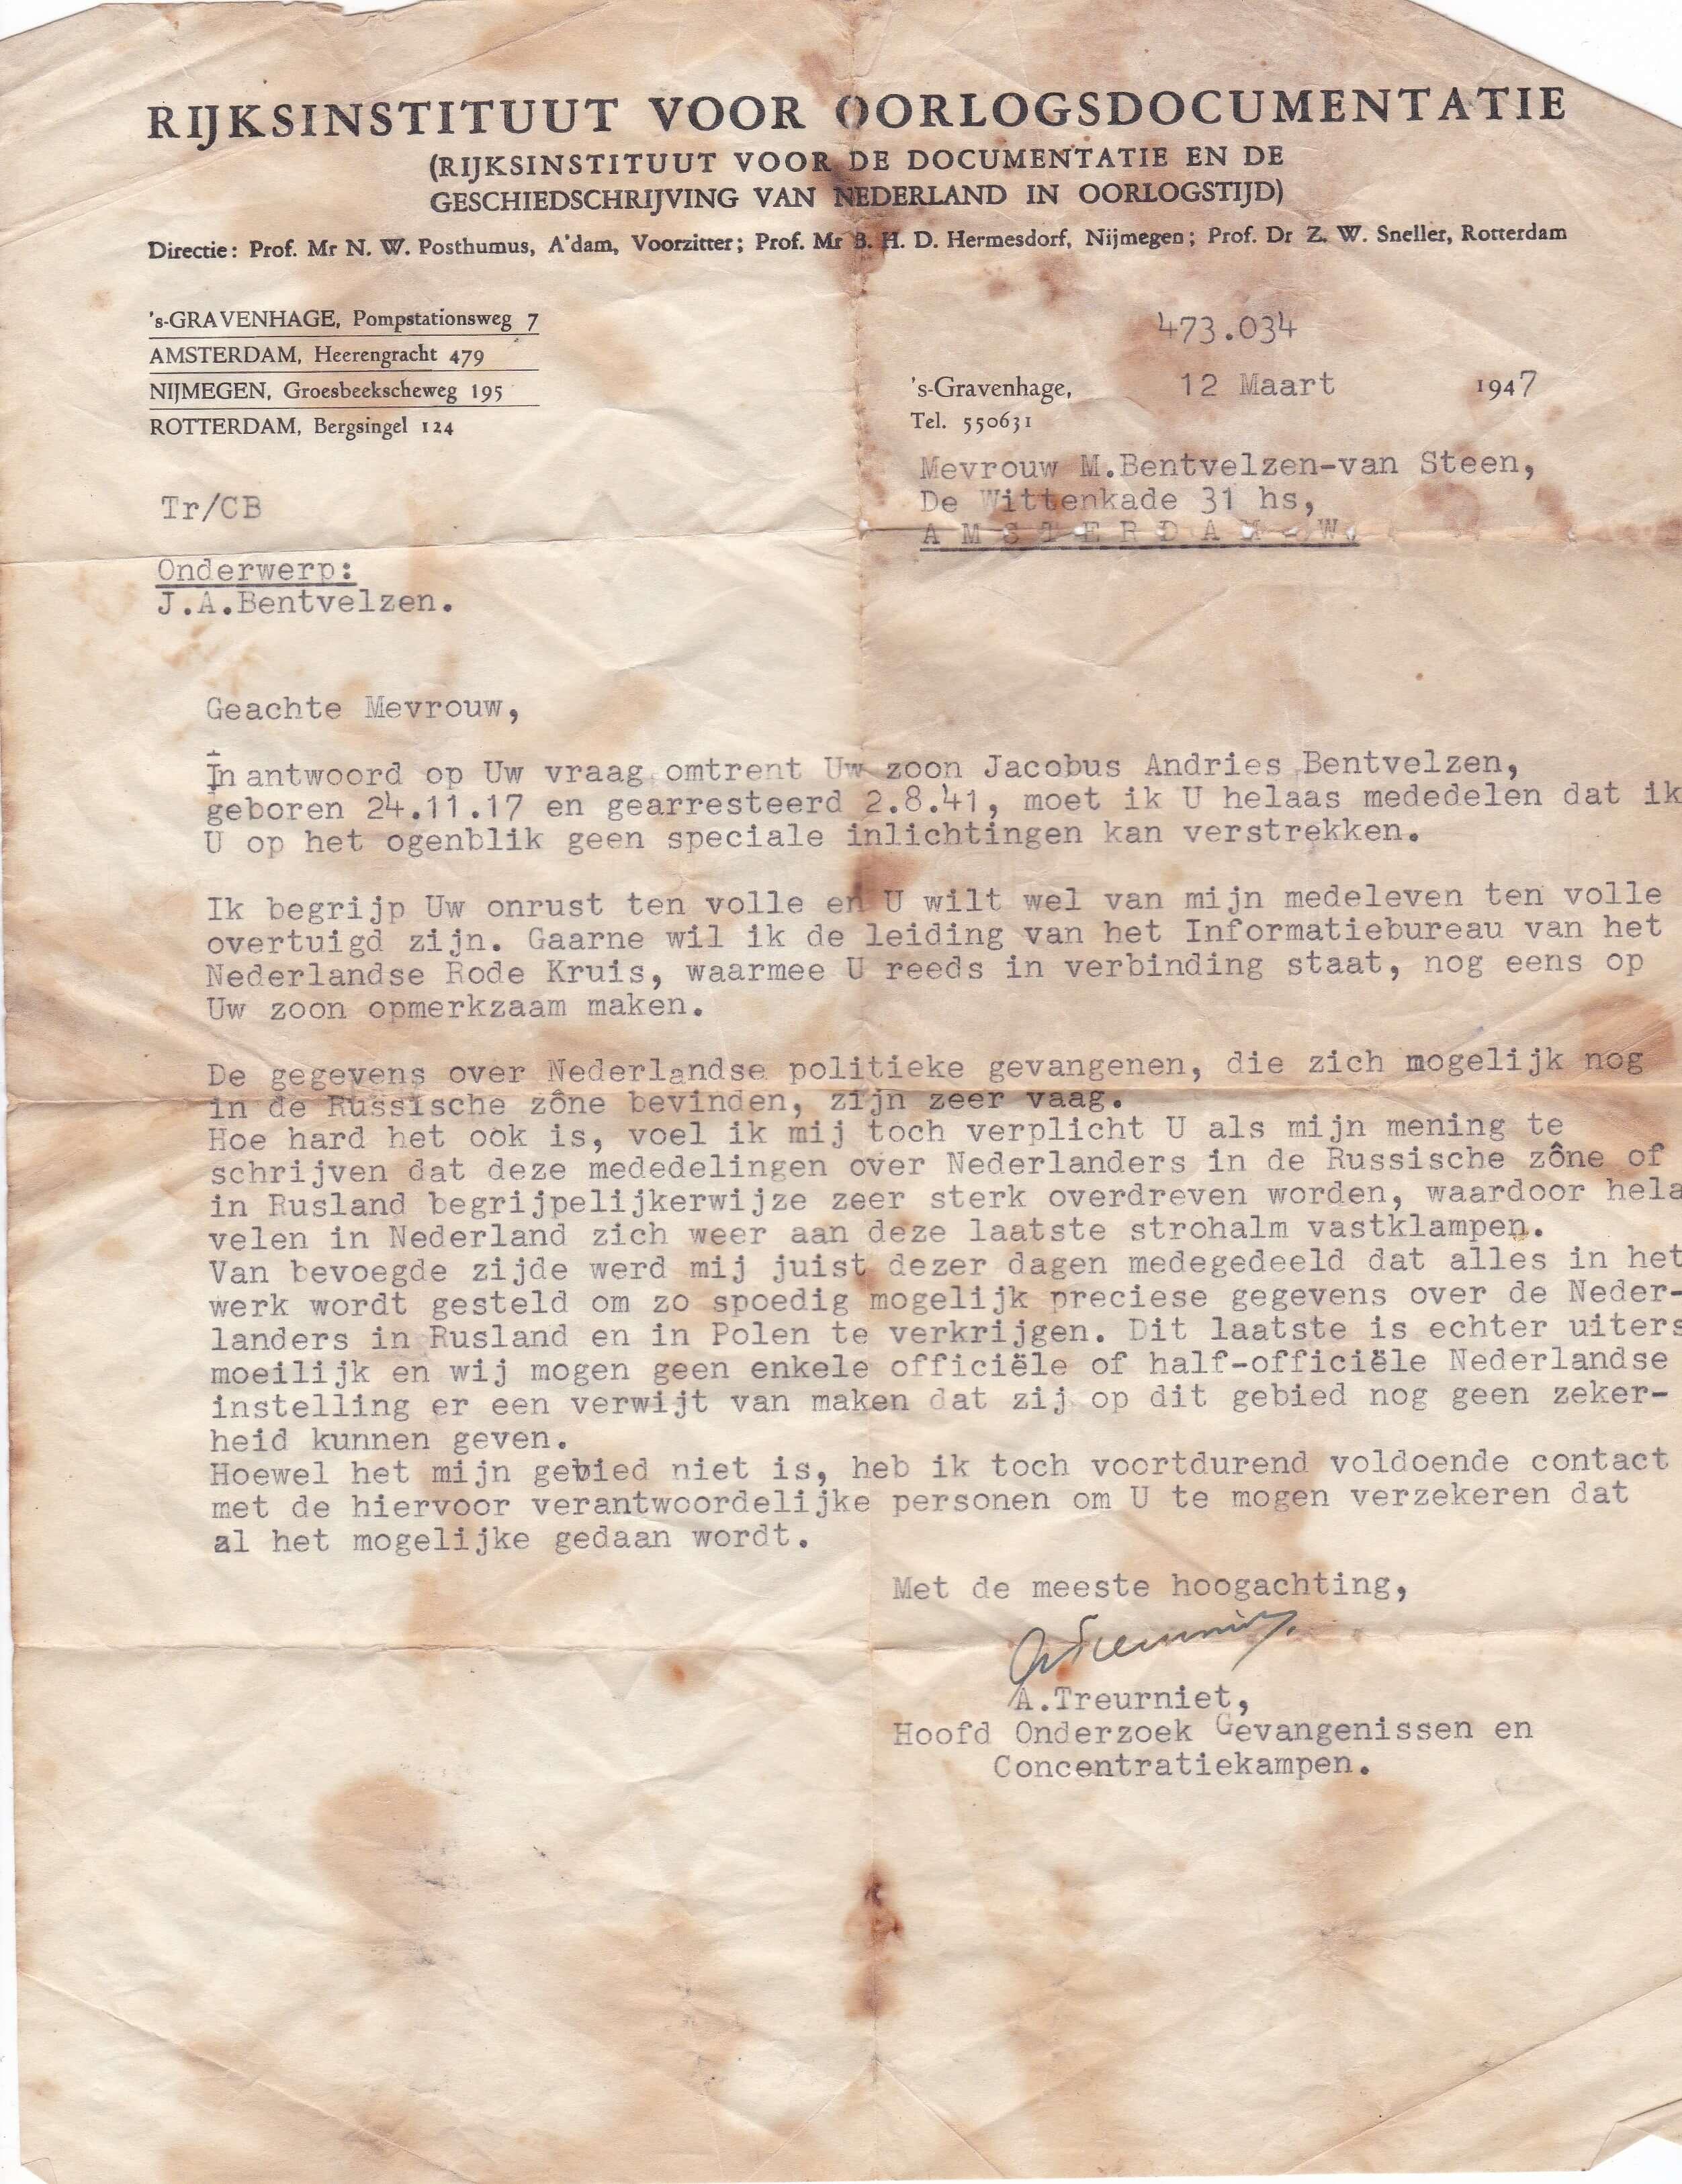 Rijksinstituut voor oorlogsdocumentatie